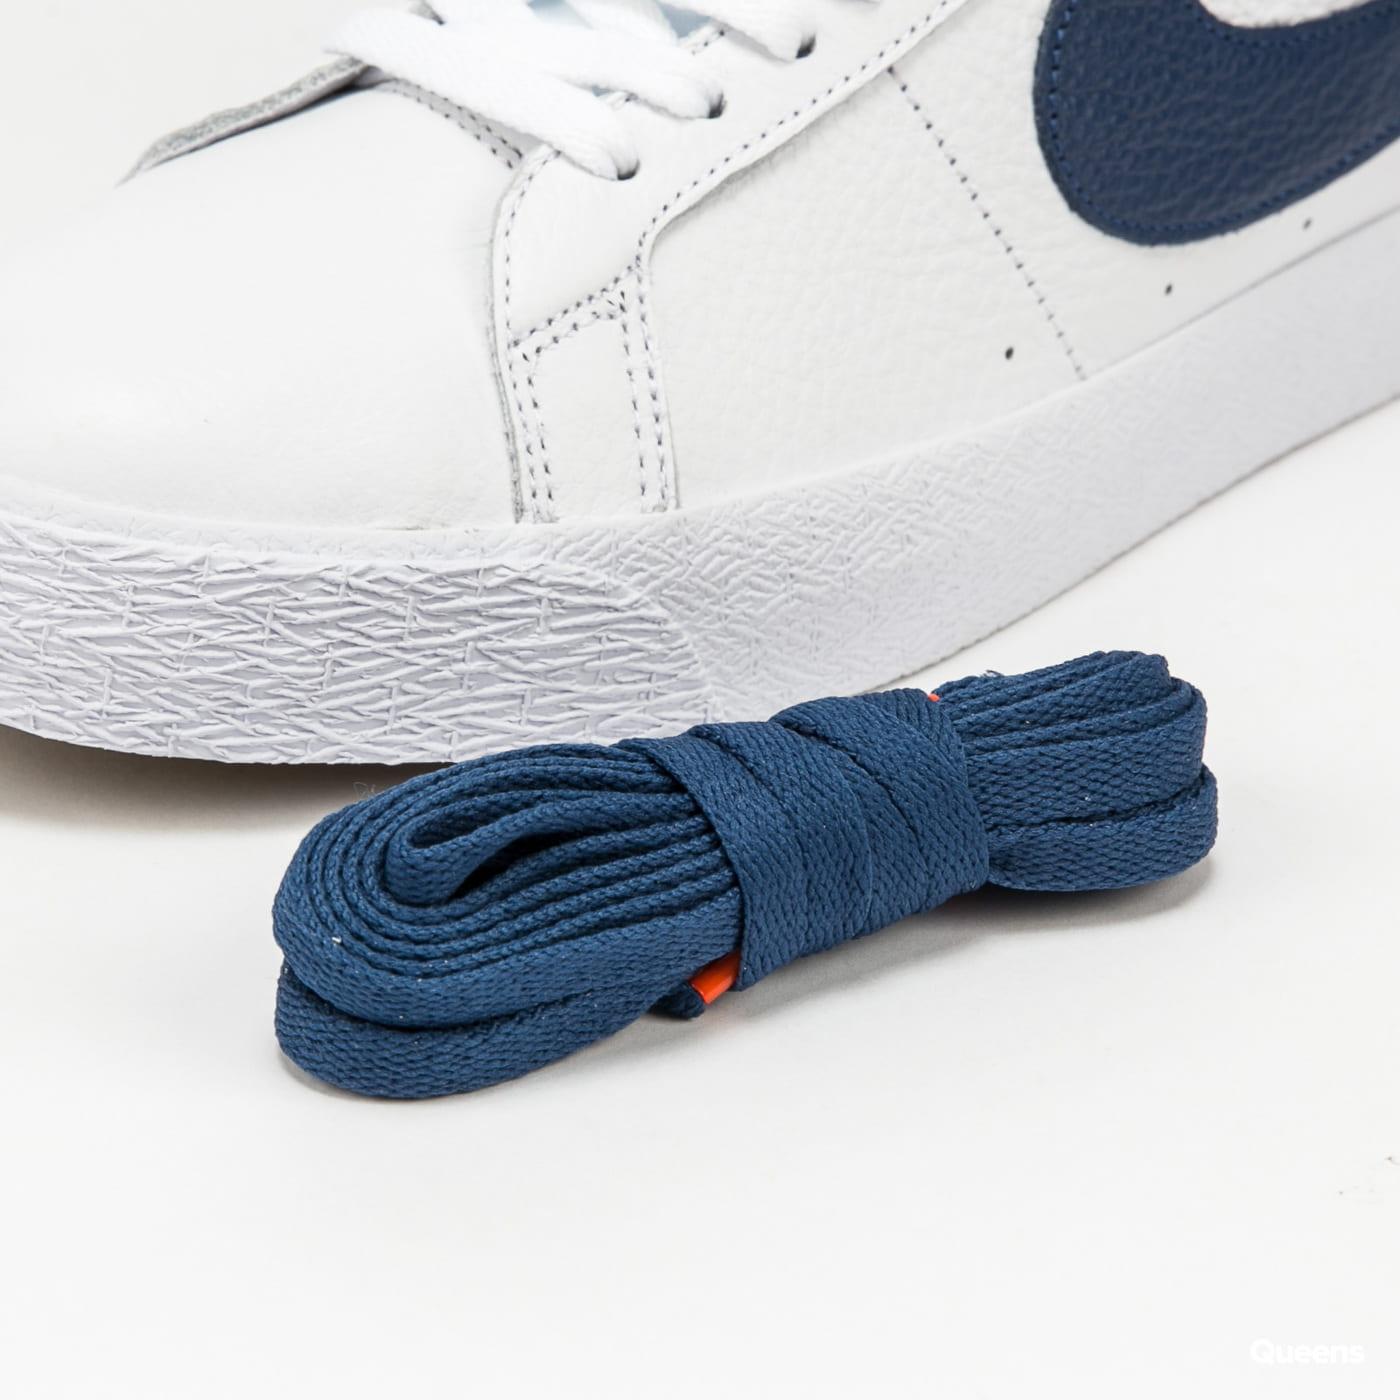 Nike SB Zoom Blazer Mid ISO white / navy - white - safety orange